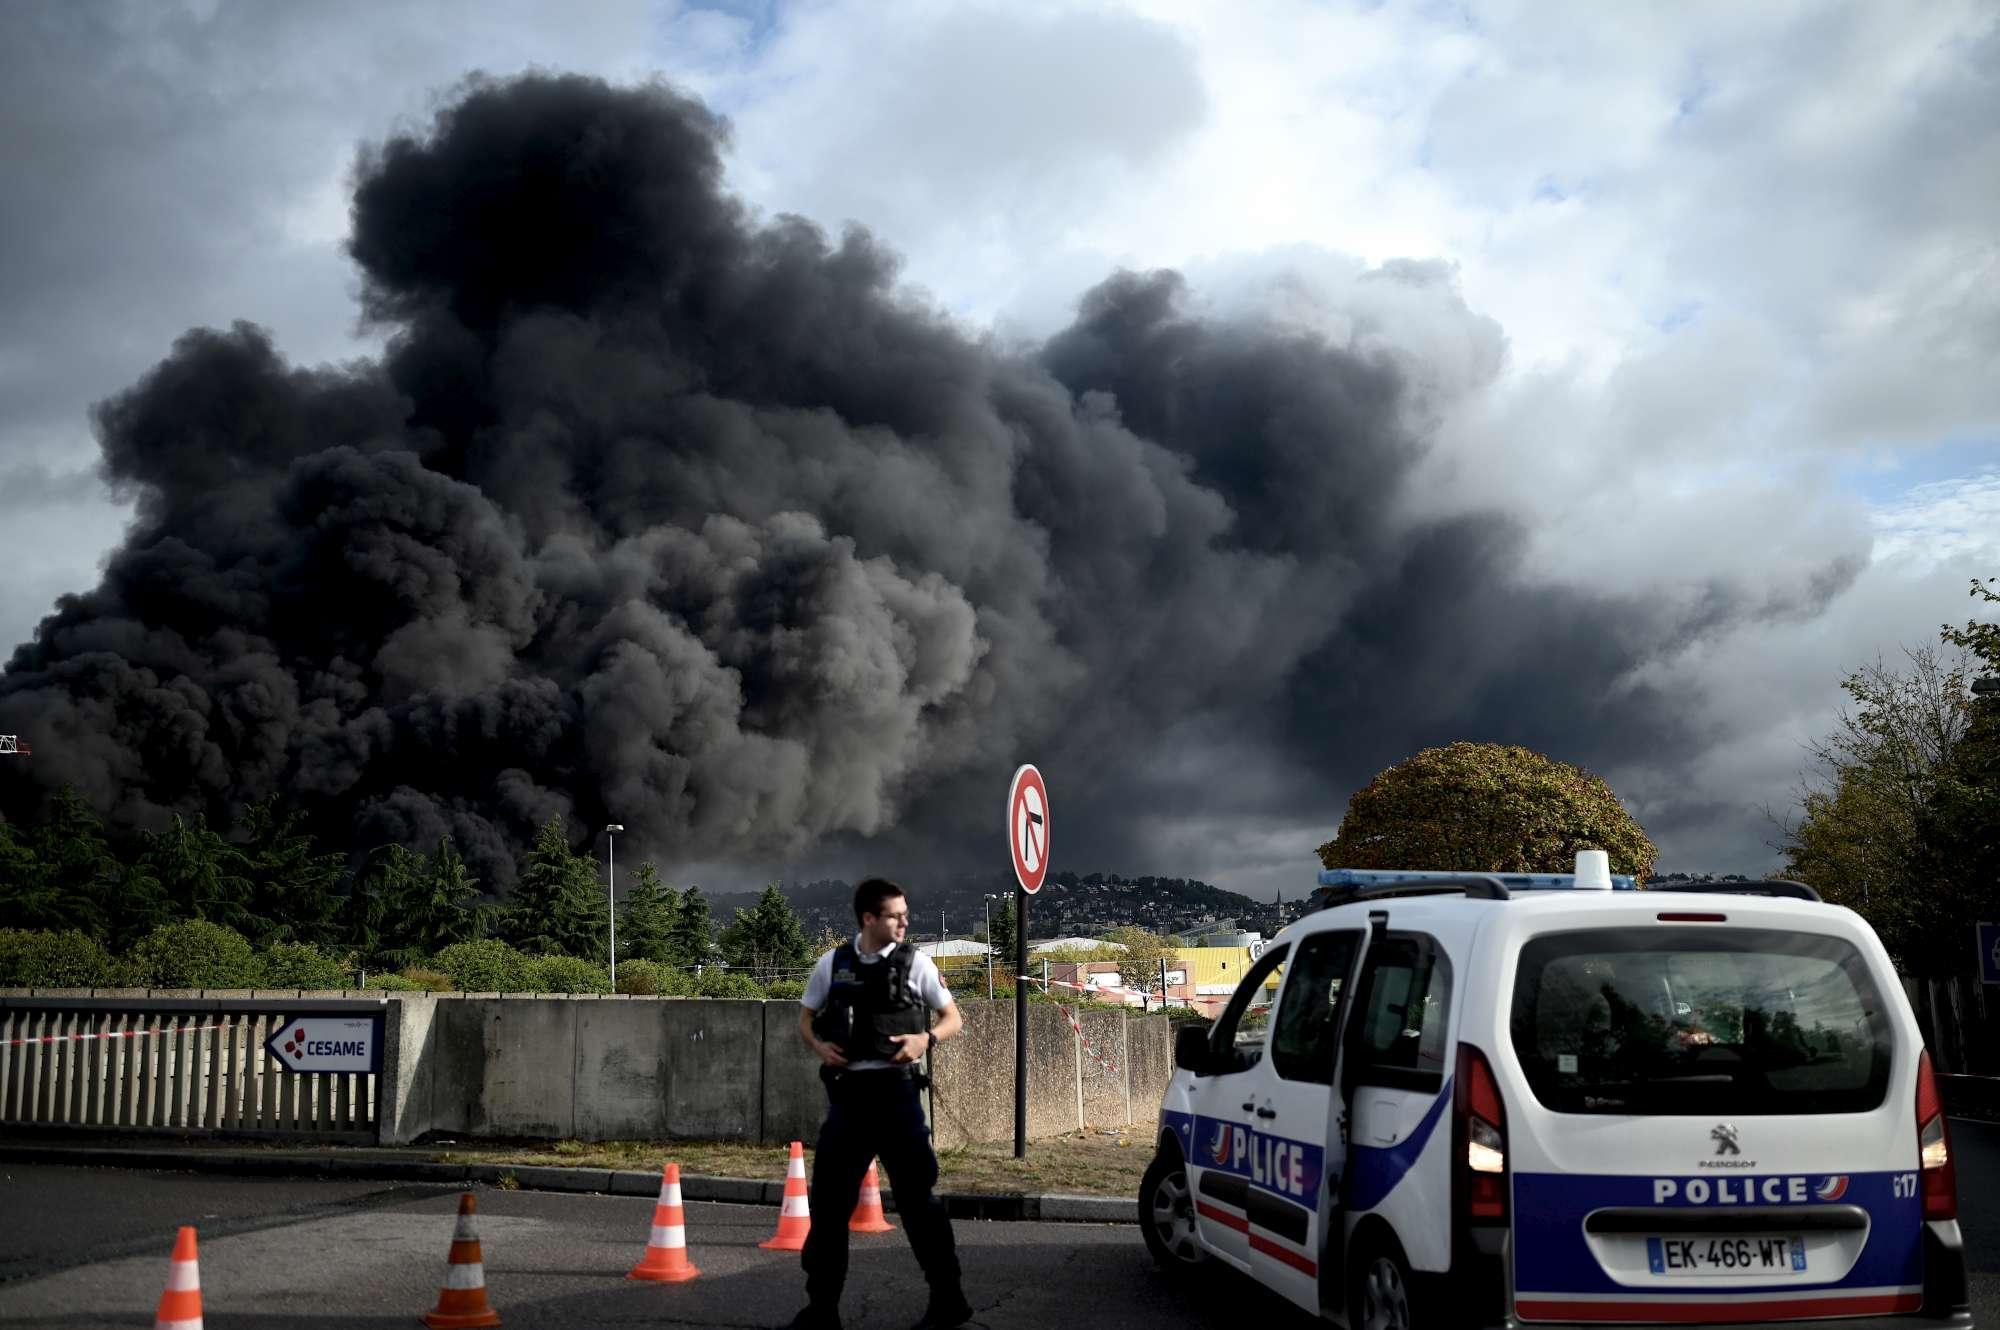 Impianto esploso a Rouen, la nube nera della paura